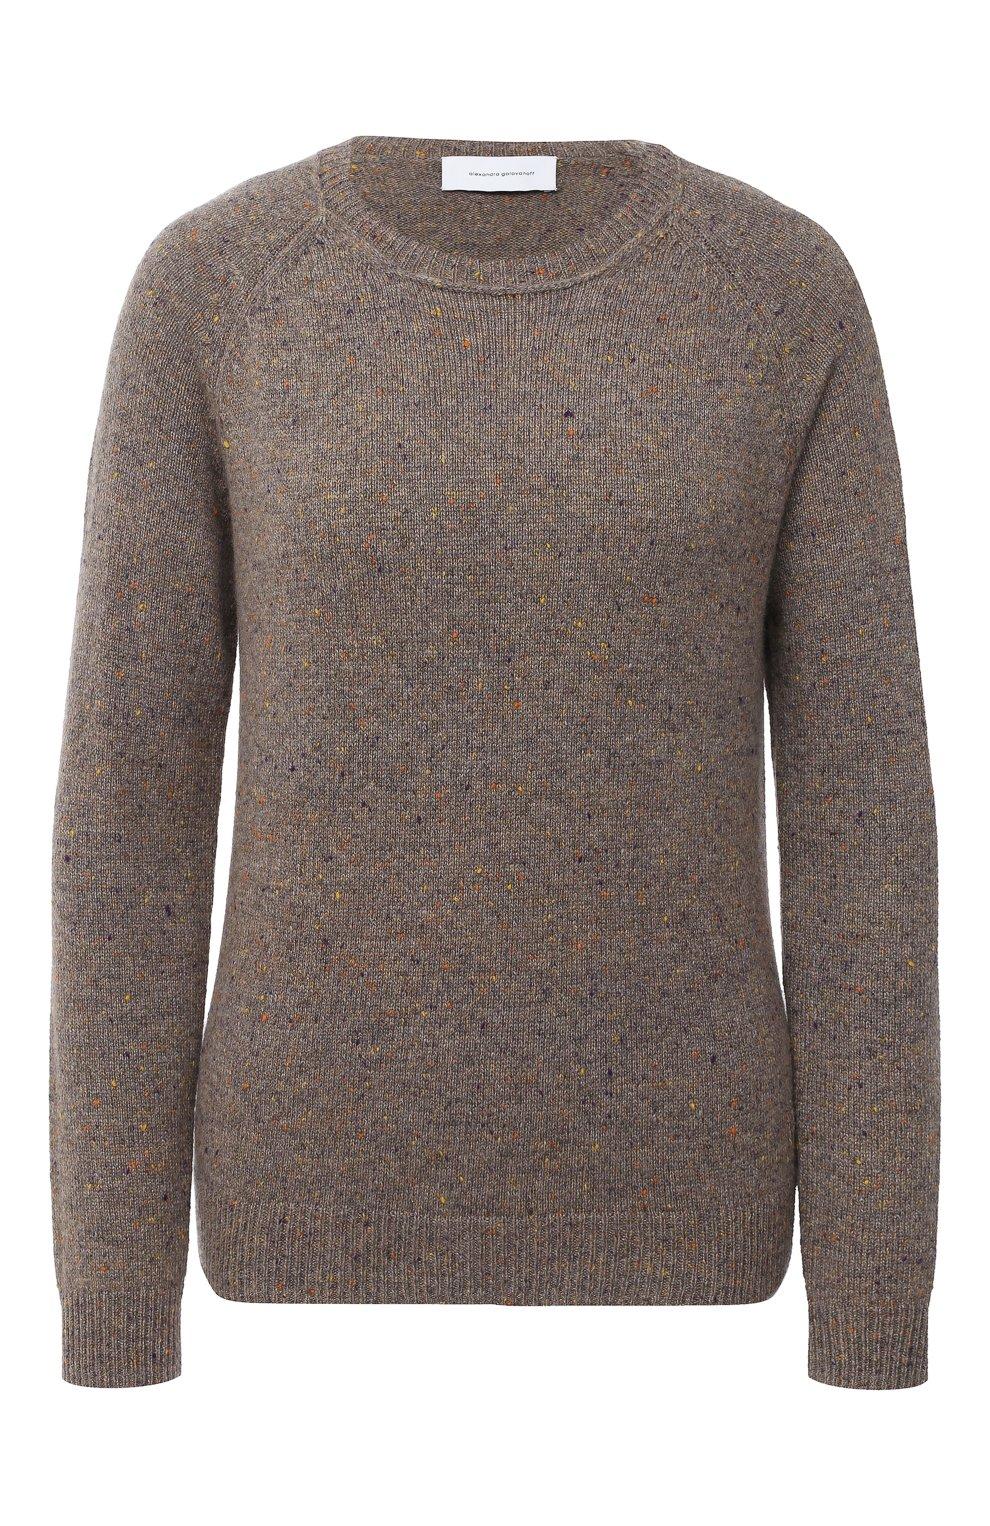 Женский кашемировый пуловер ALEXANDRA GOLOVANOFF светло-коричневого цвета, арт. MILA TWEED   Фото 1 (Материал внешний: Шерсть, Кашемир; Рукава: Длинные; Длина (для топов): Стандартные; Женское Кросс-КТ: Пуловер-одежда)